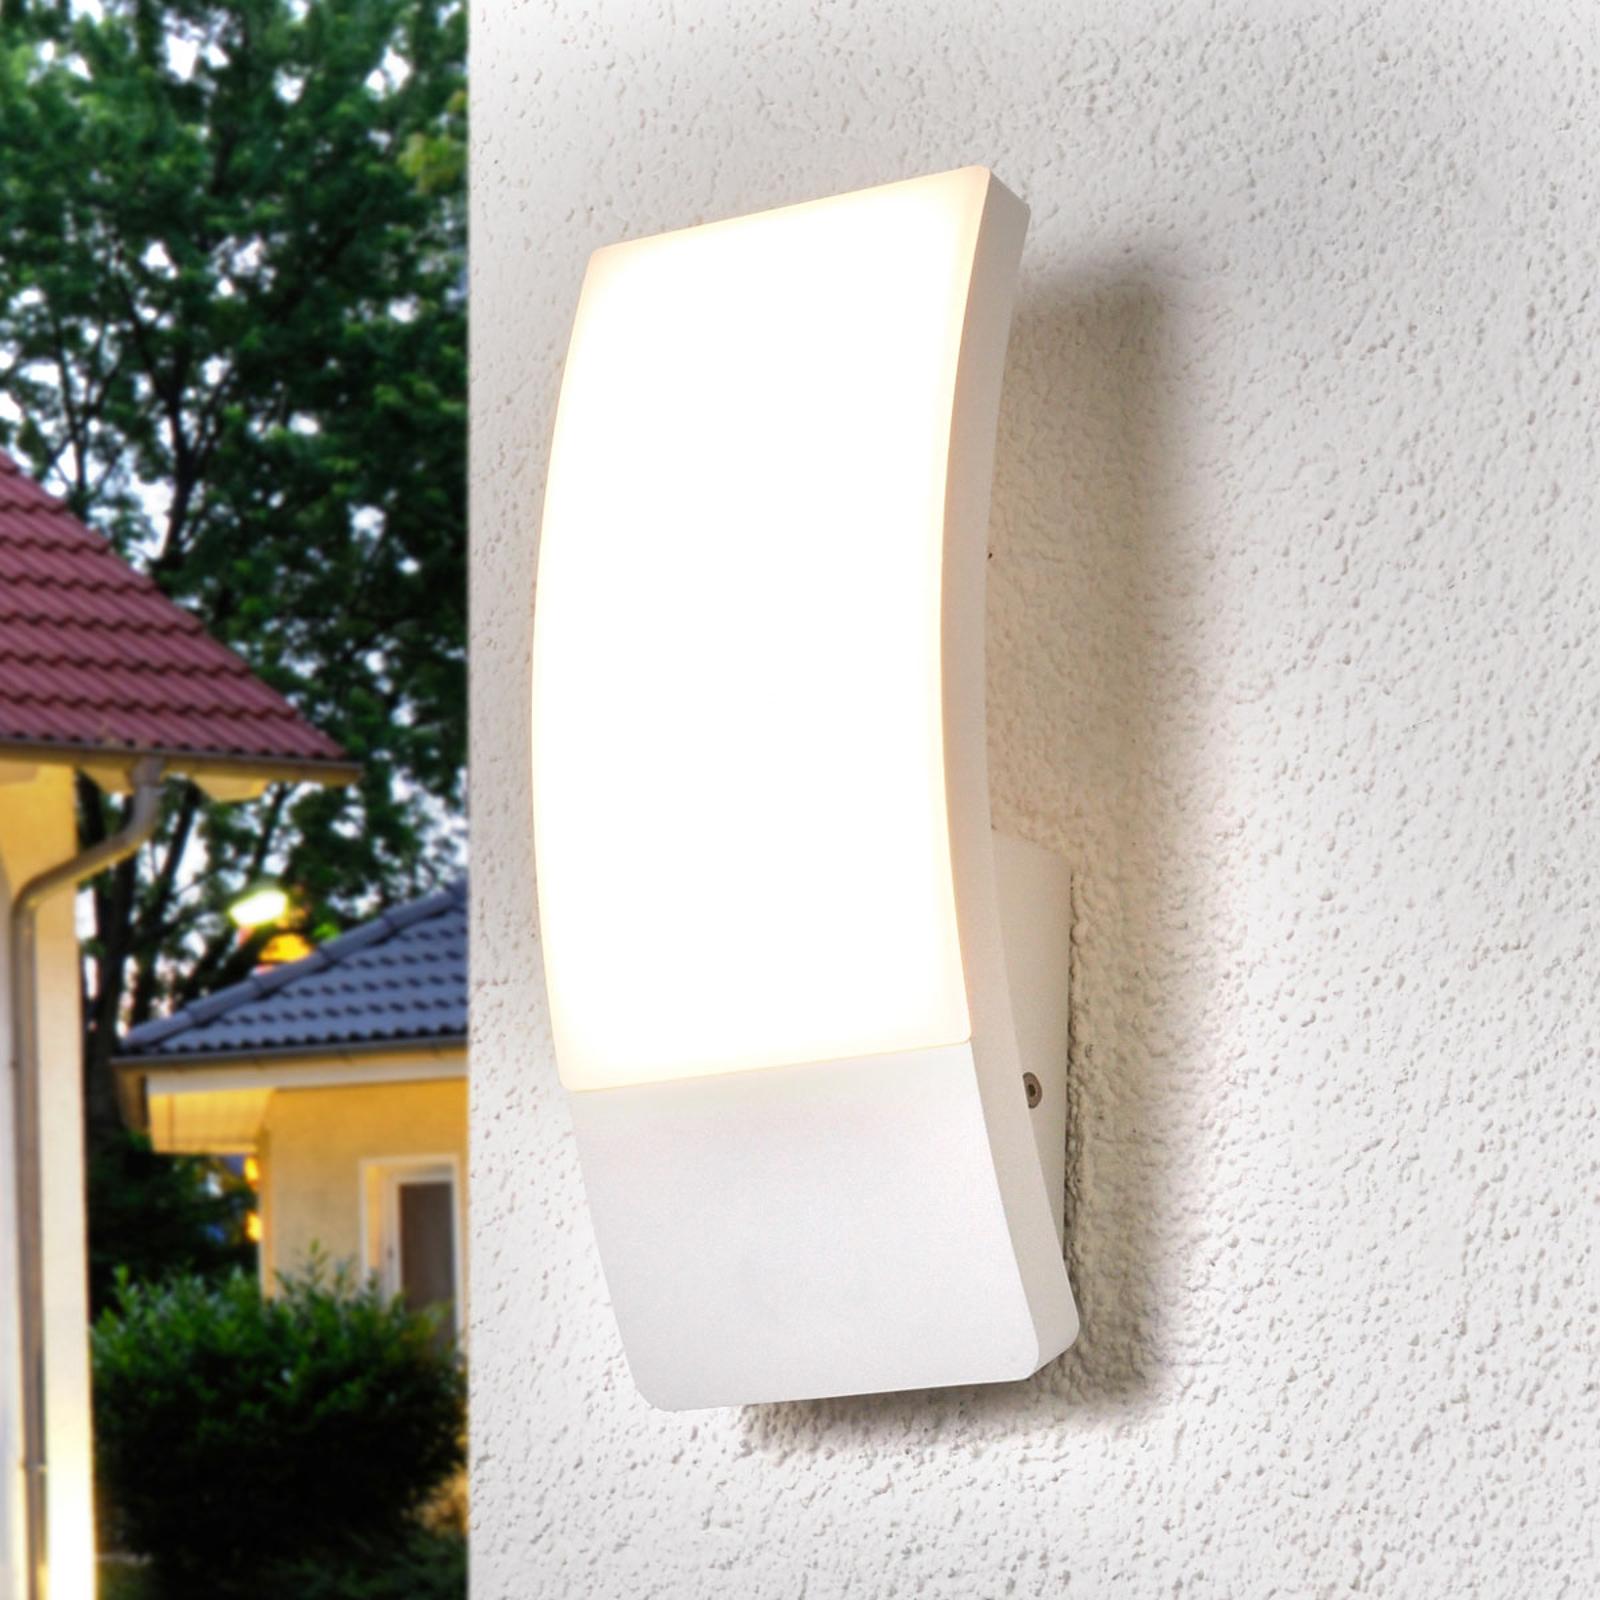 Siara hvit utendørs LED-vegglampe med buet form